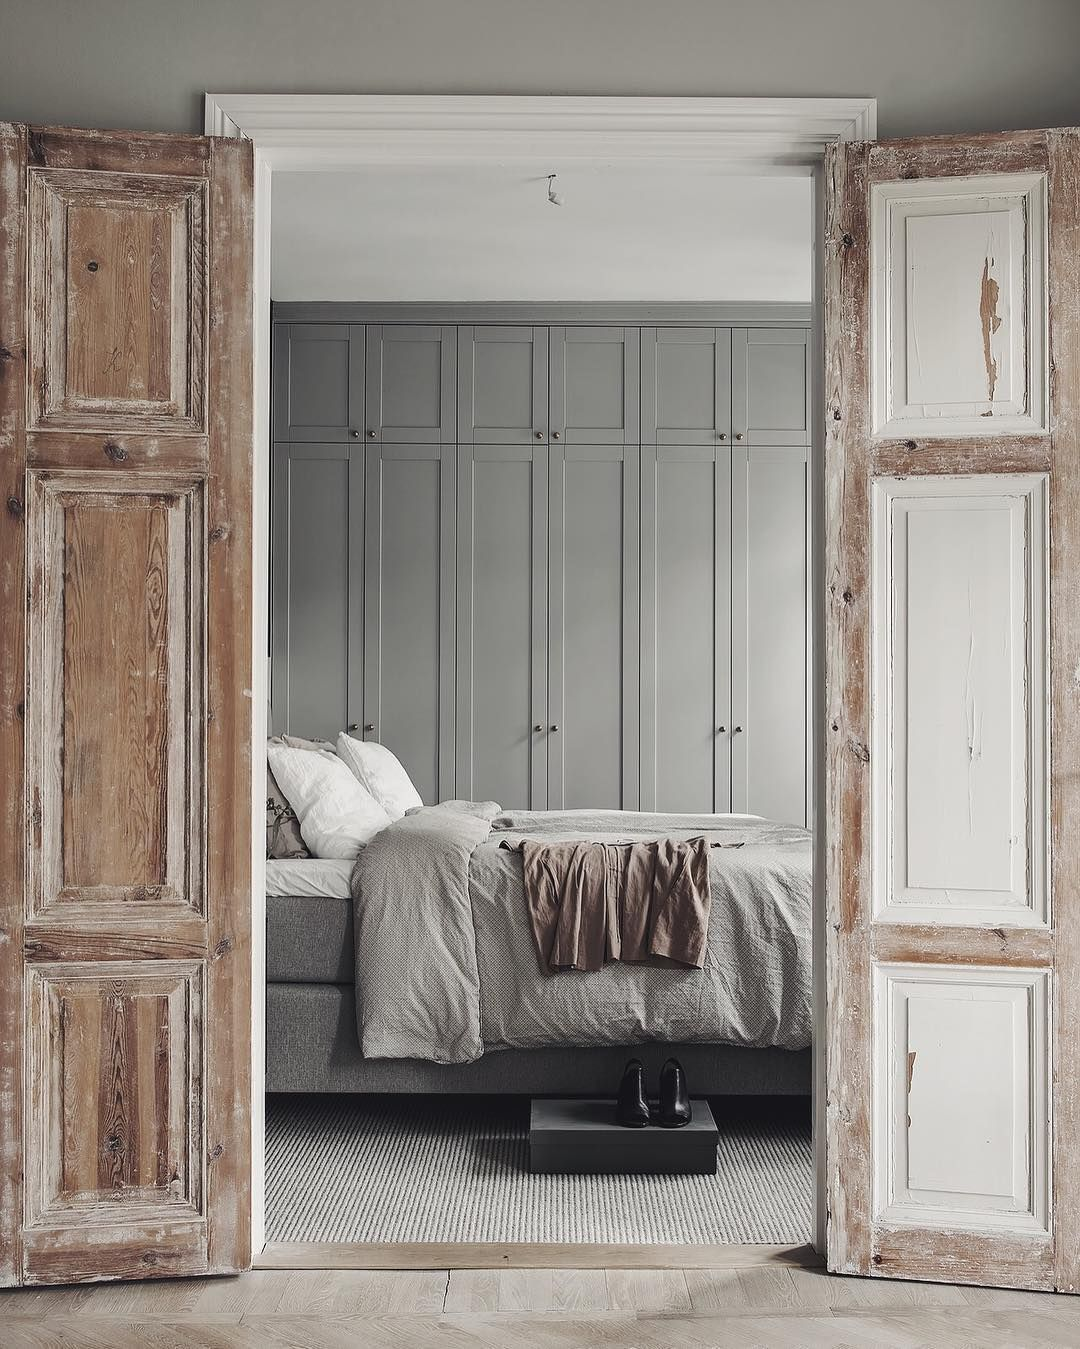 Pin von Tabita Puglisi auf Bedroom   Pinterest   Schlafzimmer, Rund ...